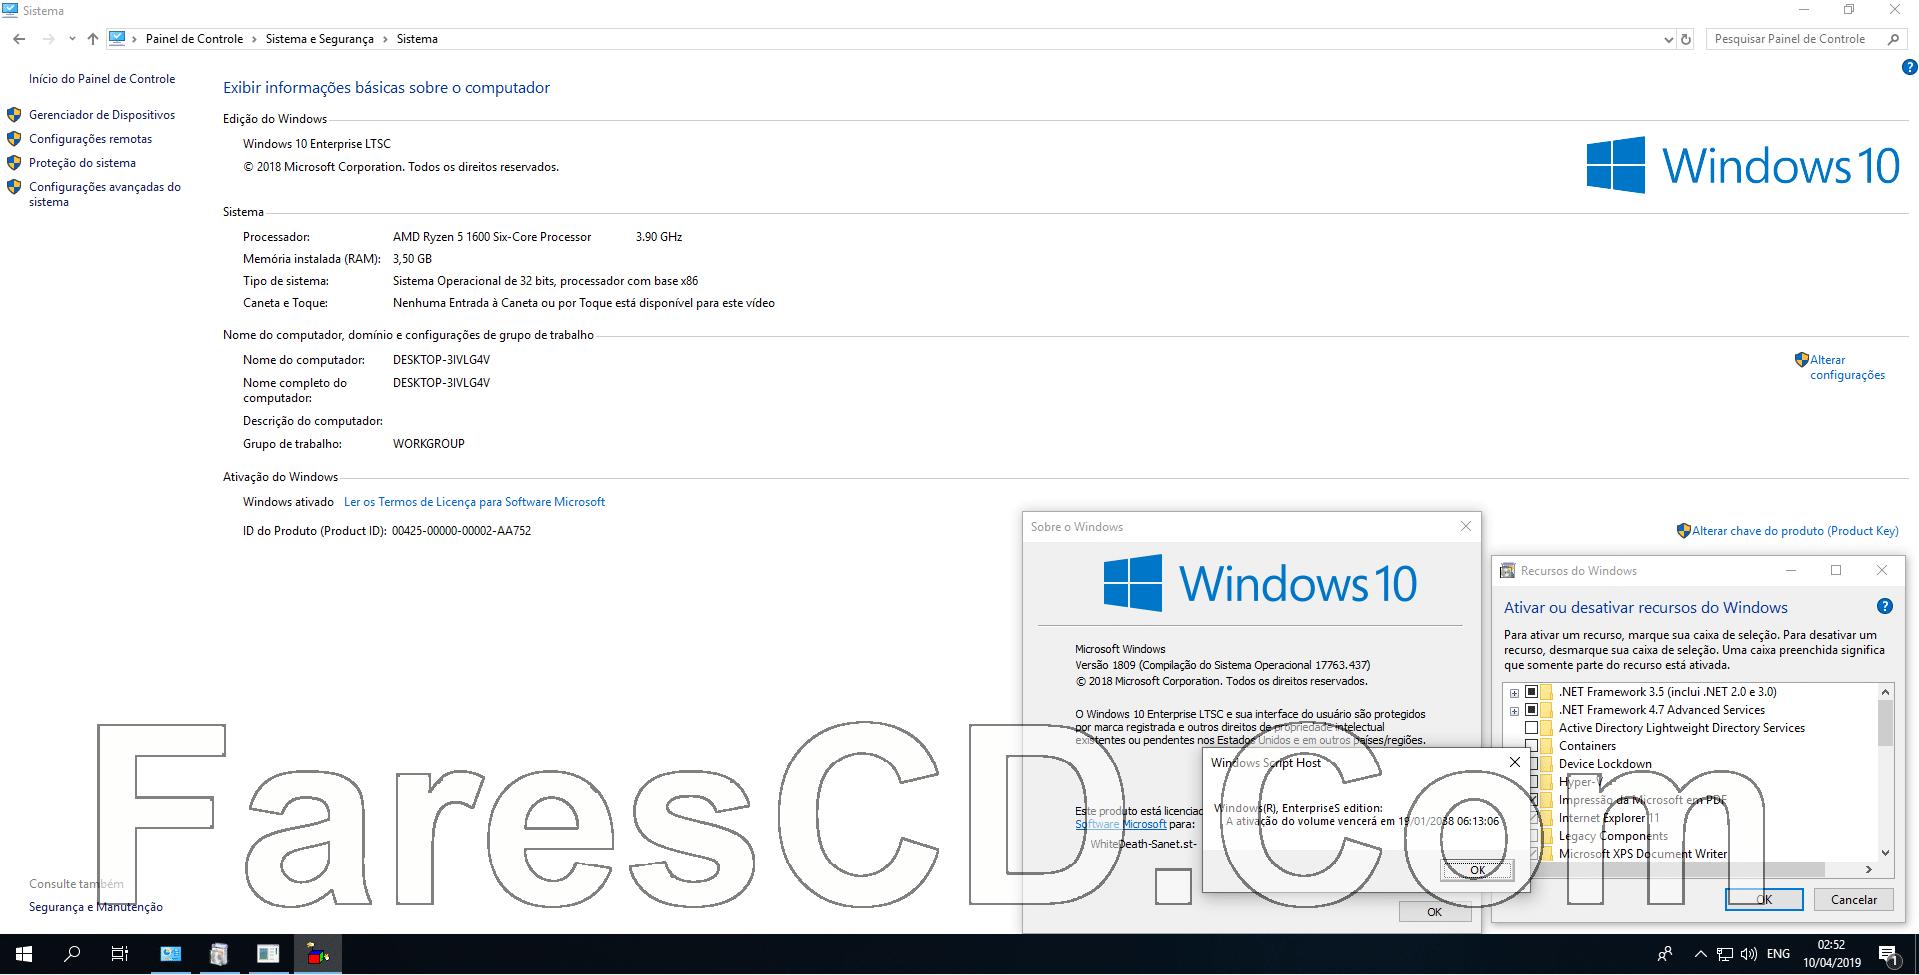 تحميل ويندوز 10 إنتربريز | Windows 10 Enterprise LTSC RS5 | ابريل